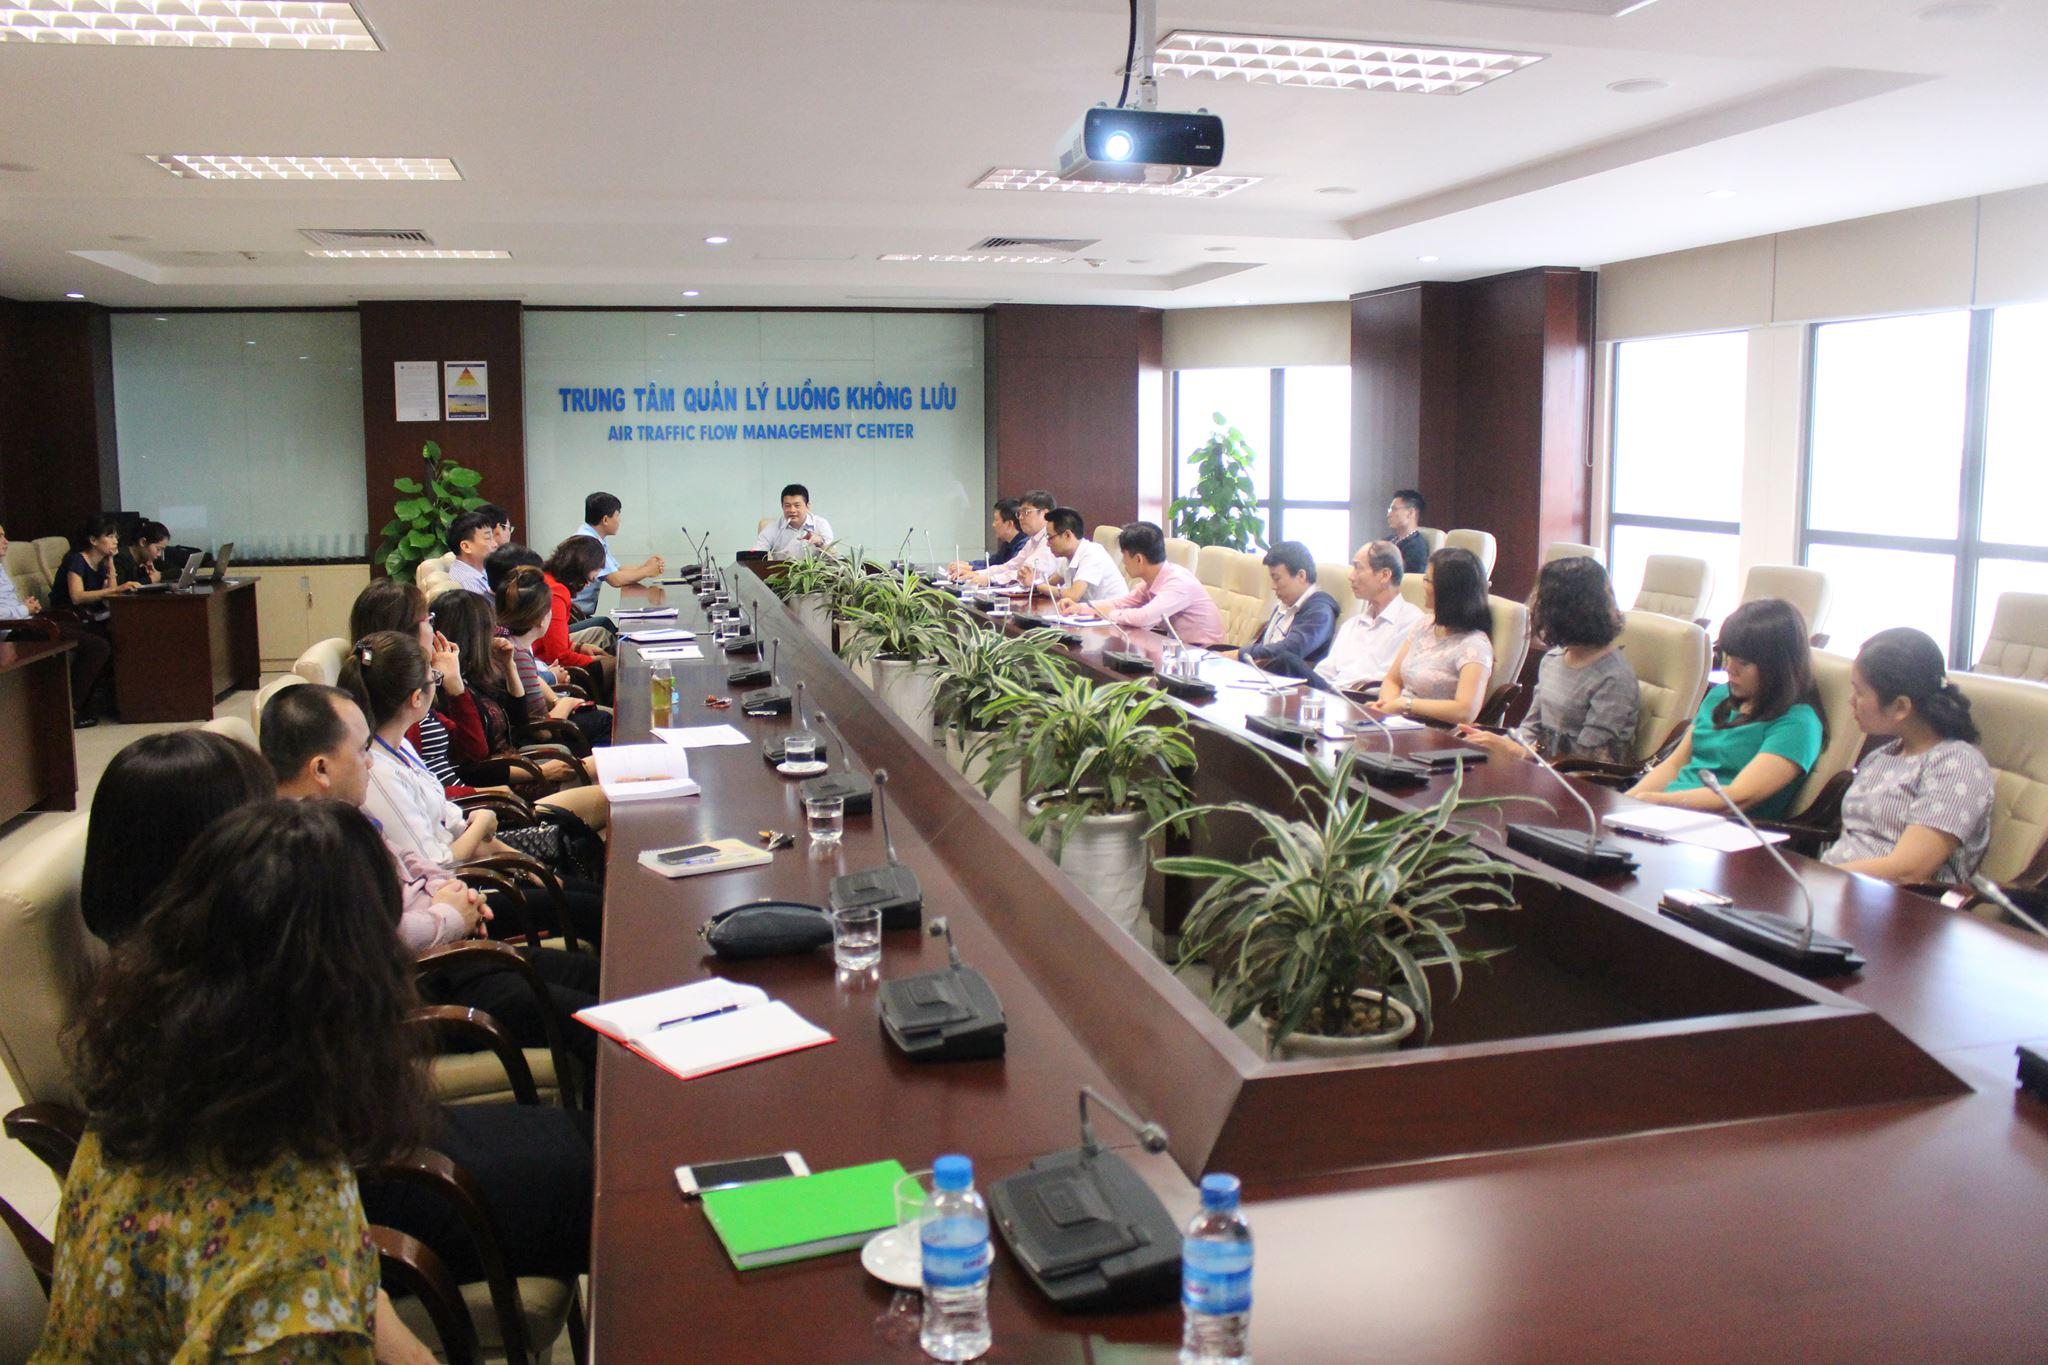 Hội nghị về công tác hiệp đồng giữa Trung tâm Quản lý điều hành bay Quốc gia- Quân chủng Phòng không Không quân và Trung tâm Quản lý luồng không lưu